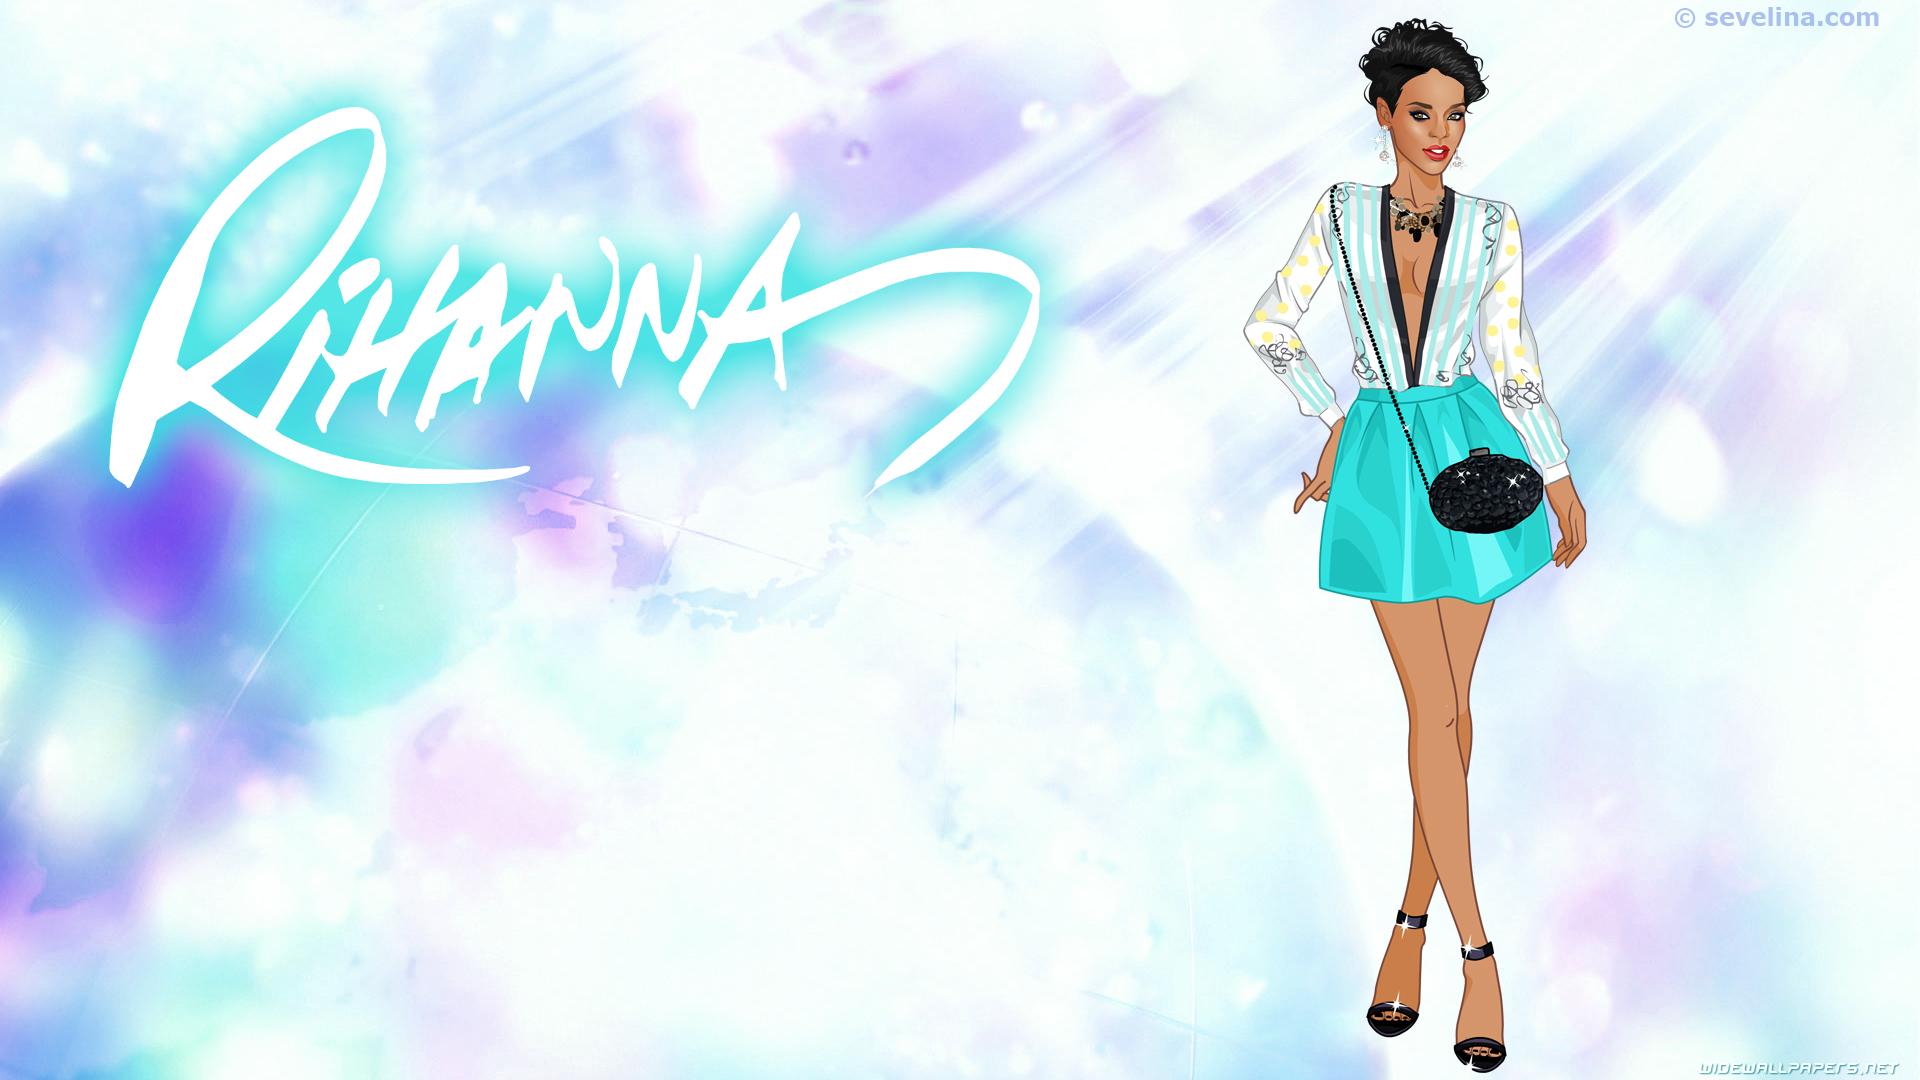 rihanna-wallpapers-2014-sevelina-dress-up-games-full hd